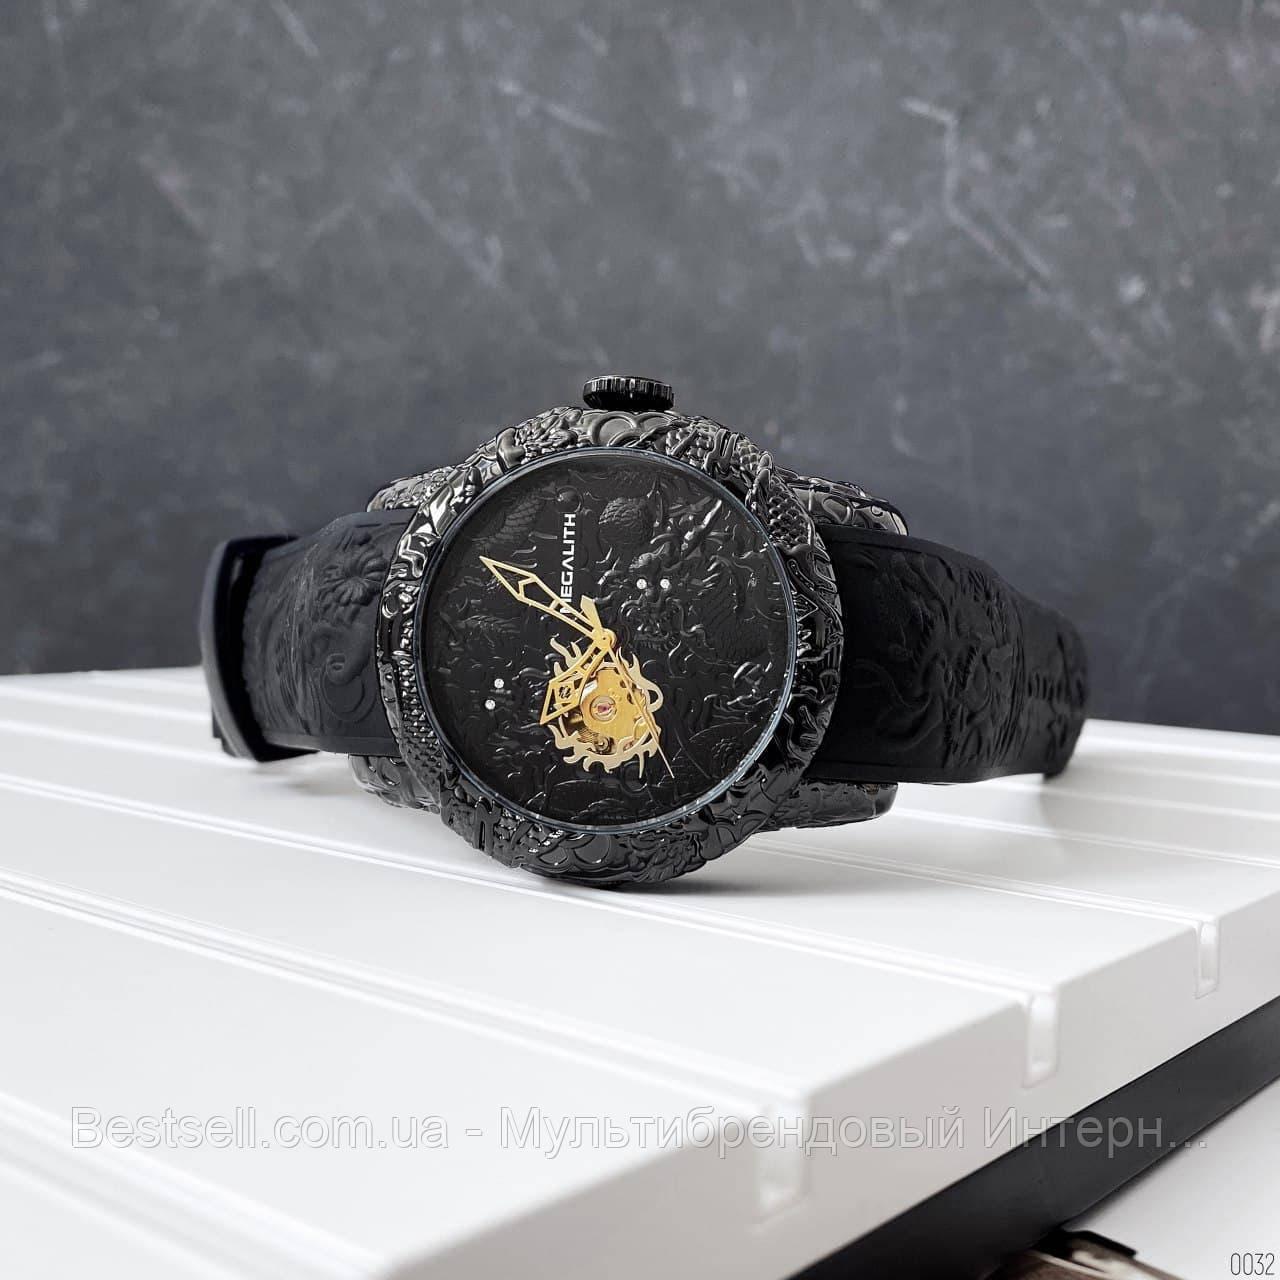 Часы оригинальные мужские наручные механические с автоподзаводом Megalith 8041MA Black-Gold Dragon Sculpture